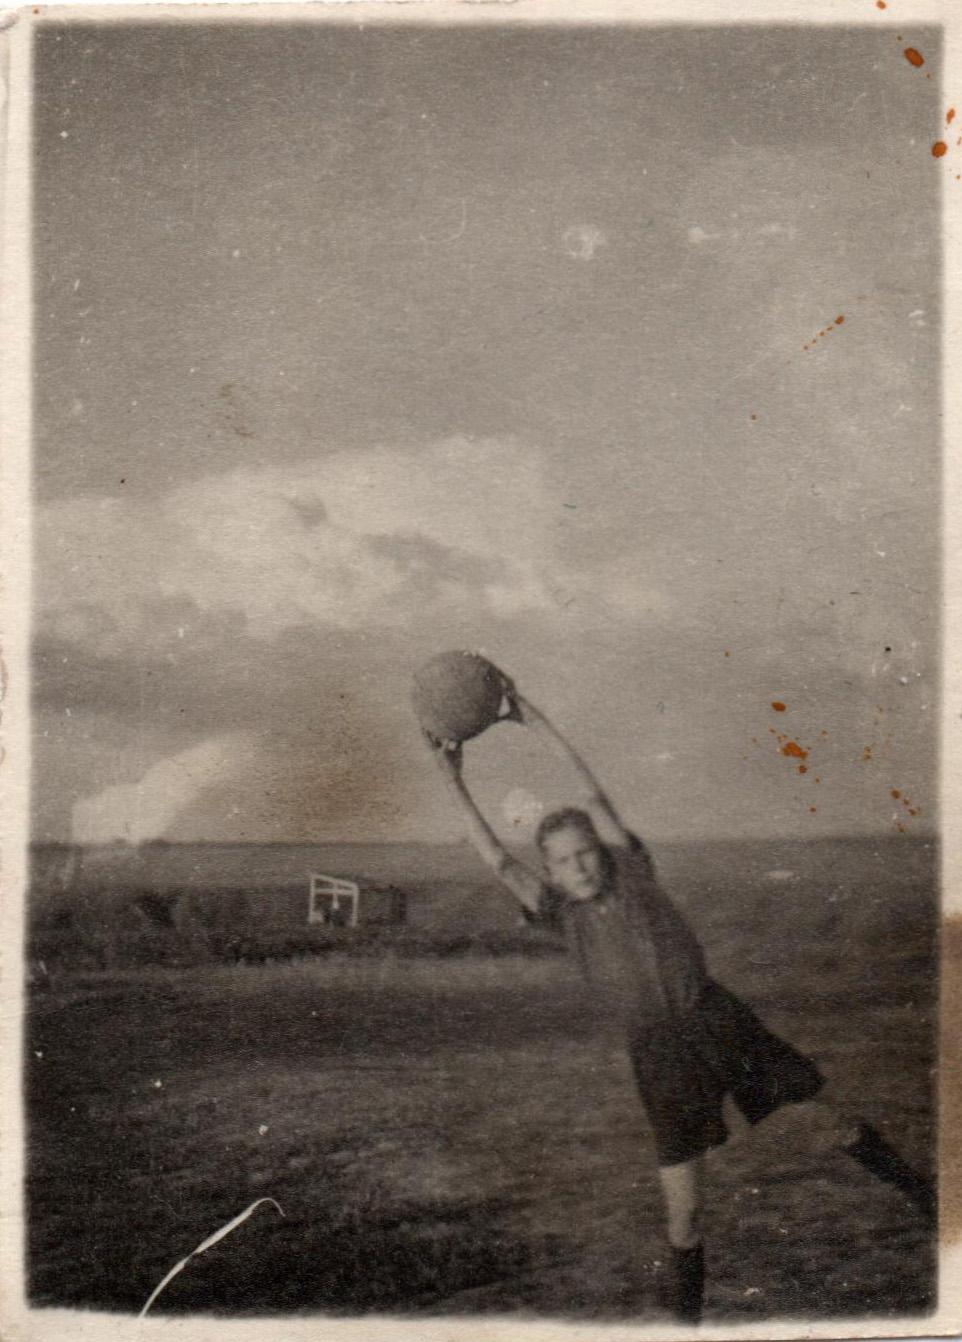 Футбол на краю Очаково. Архив Стрелкова